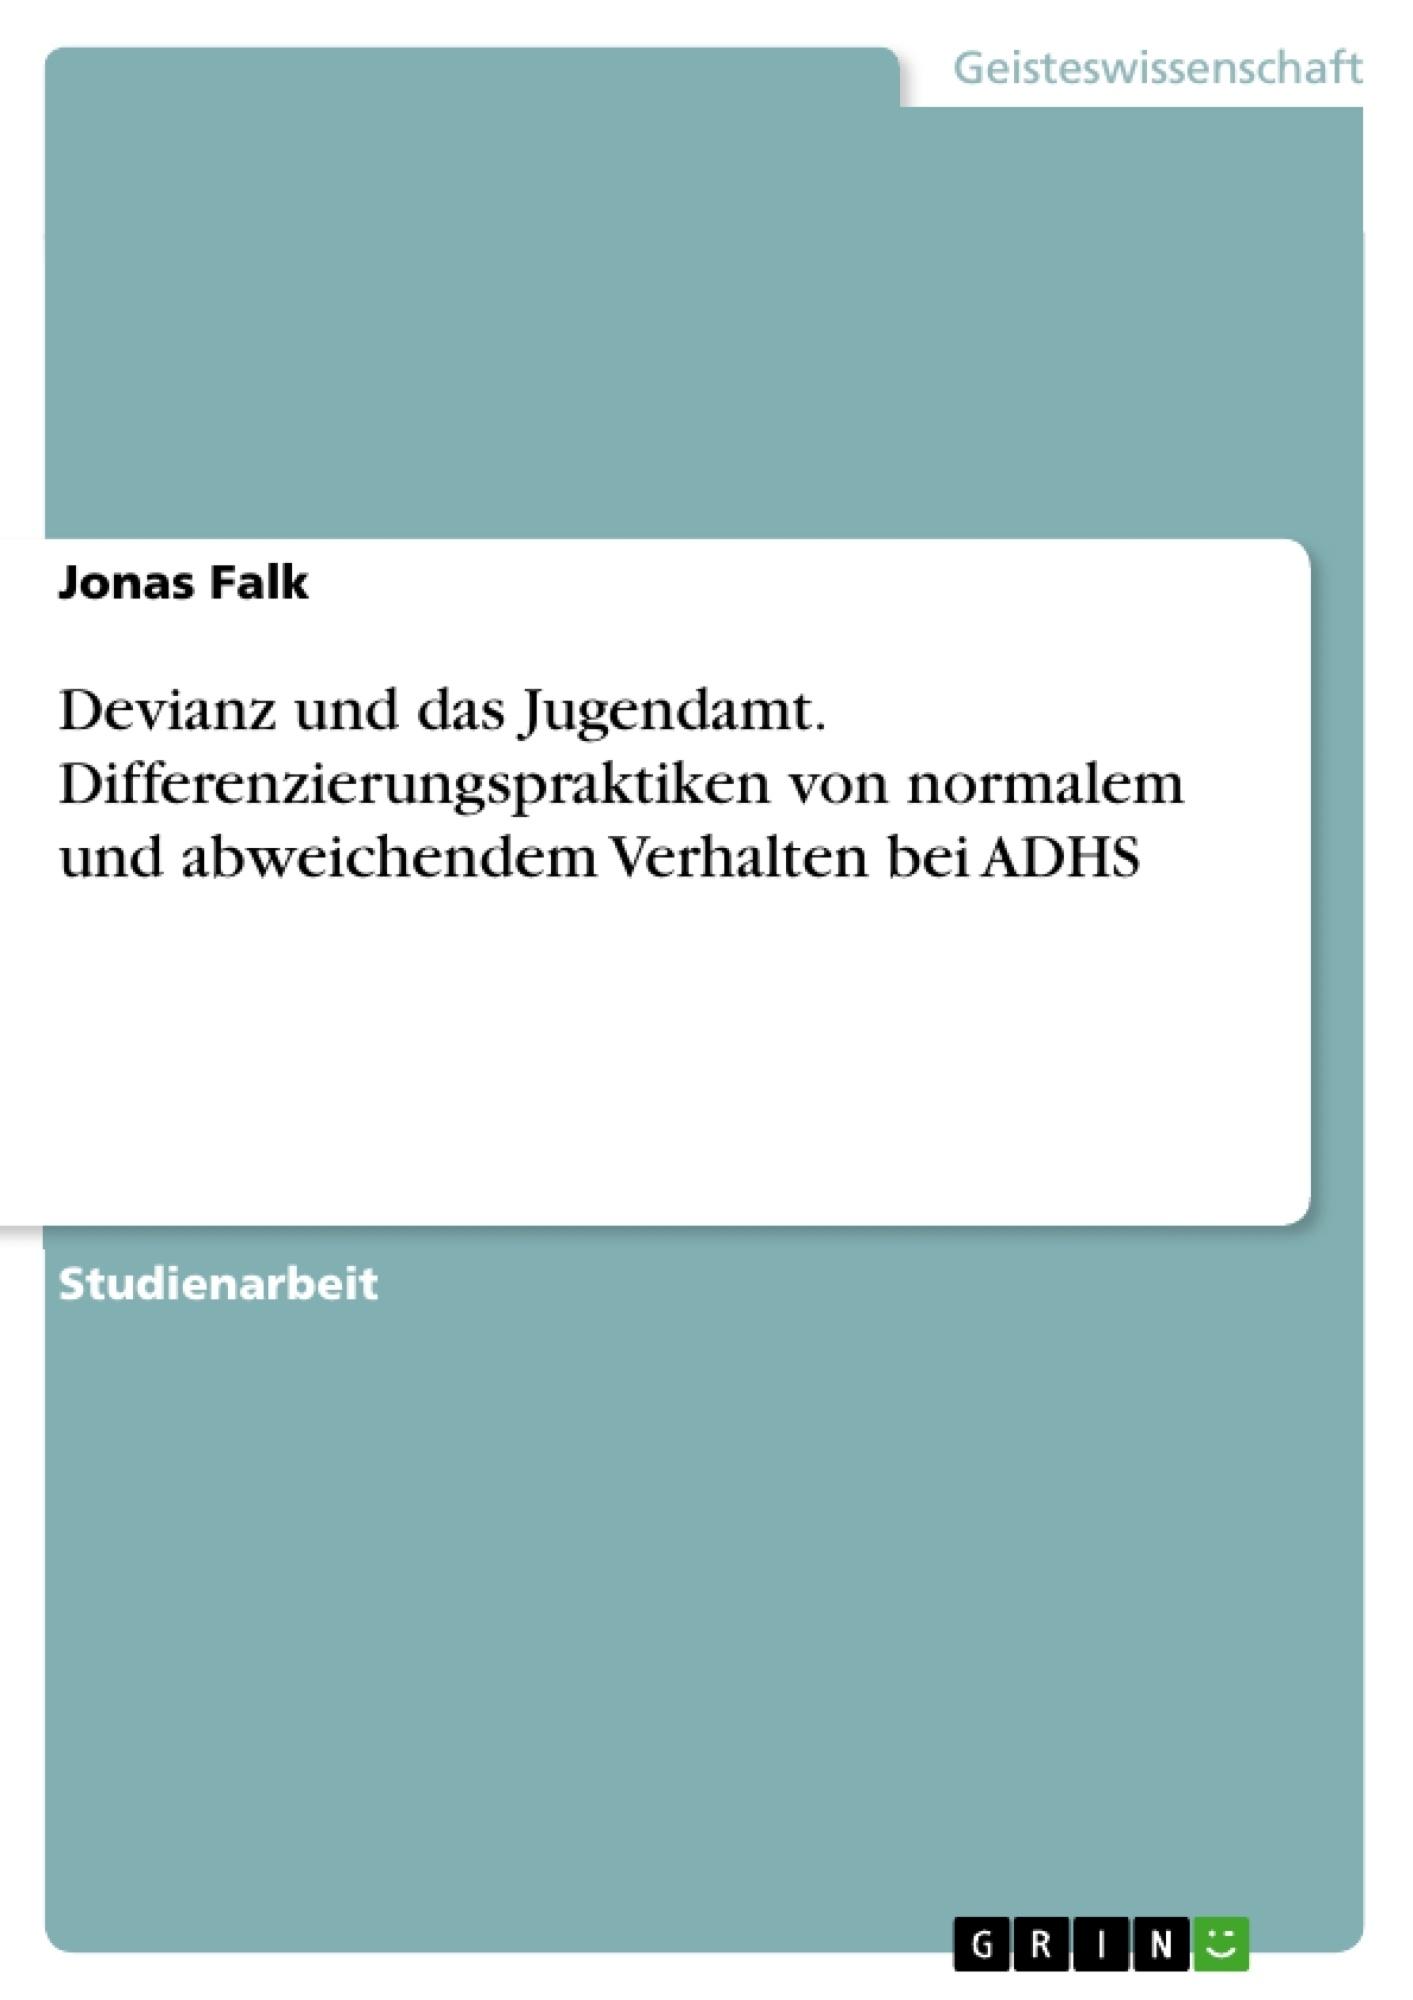 Titel: Devianz und das Jugendamt. Differenzierungspraktiken von normalem und abweichendem Verhalten bei ADHS